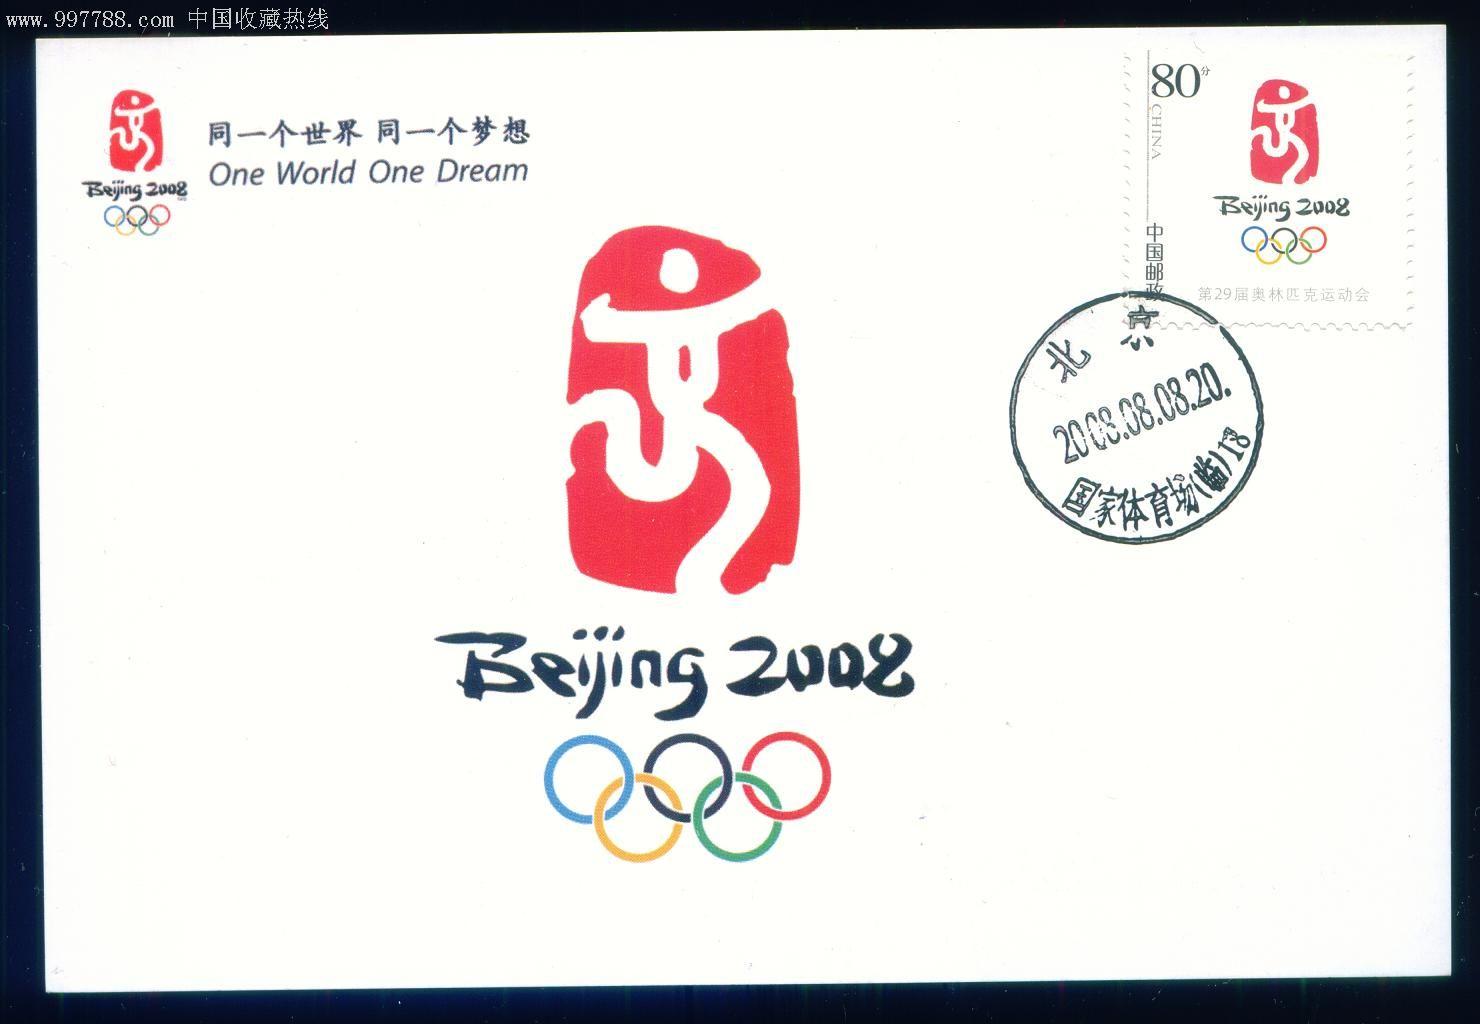 第二十九届奥运会会徽极限片图片